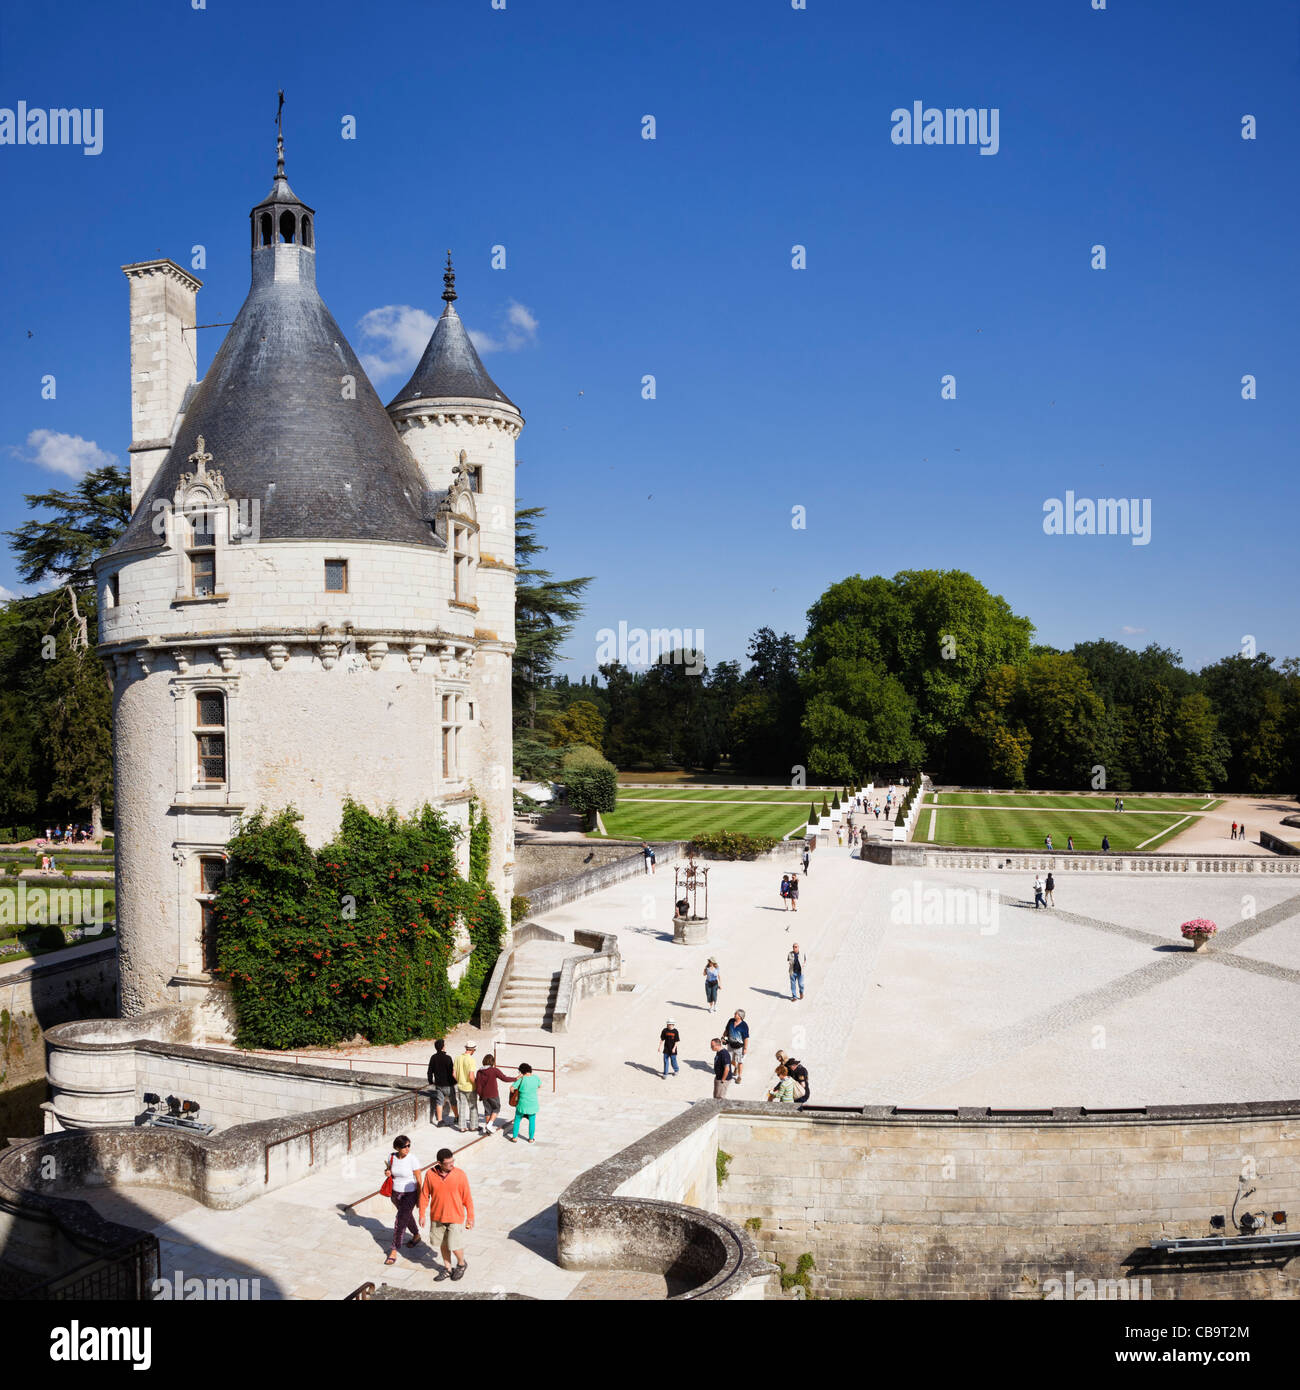 Marques de Torre y jardines mirando desde el interior de castillo de Chenonceau, Loire, Francia Imagen De Stock